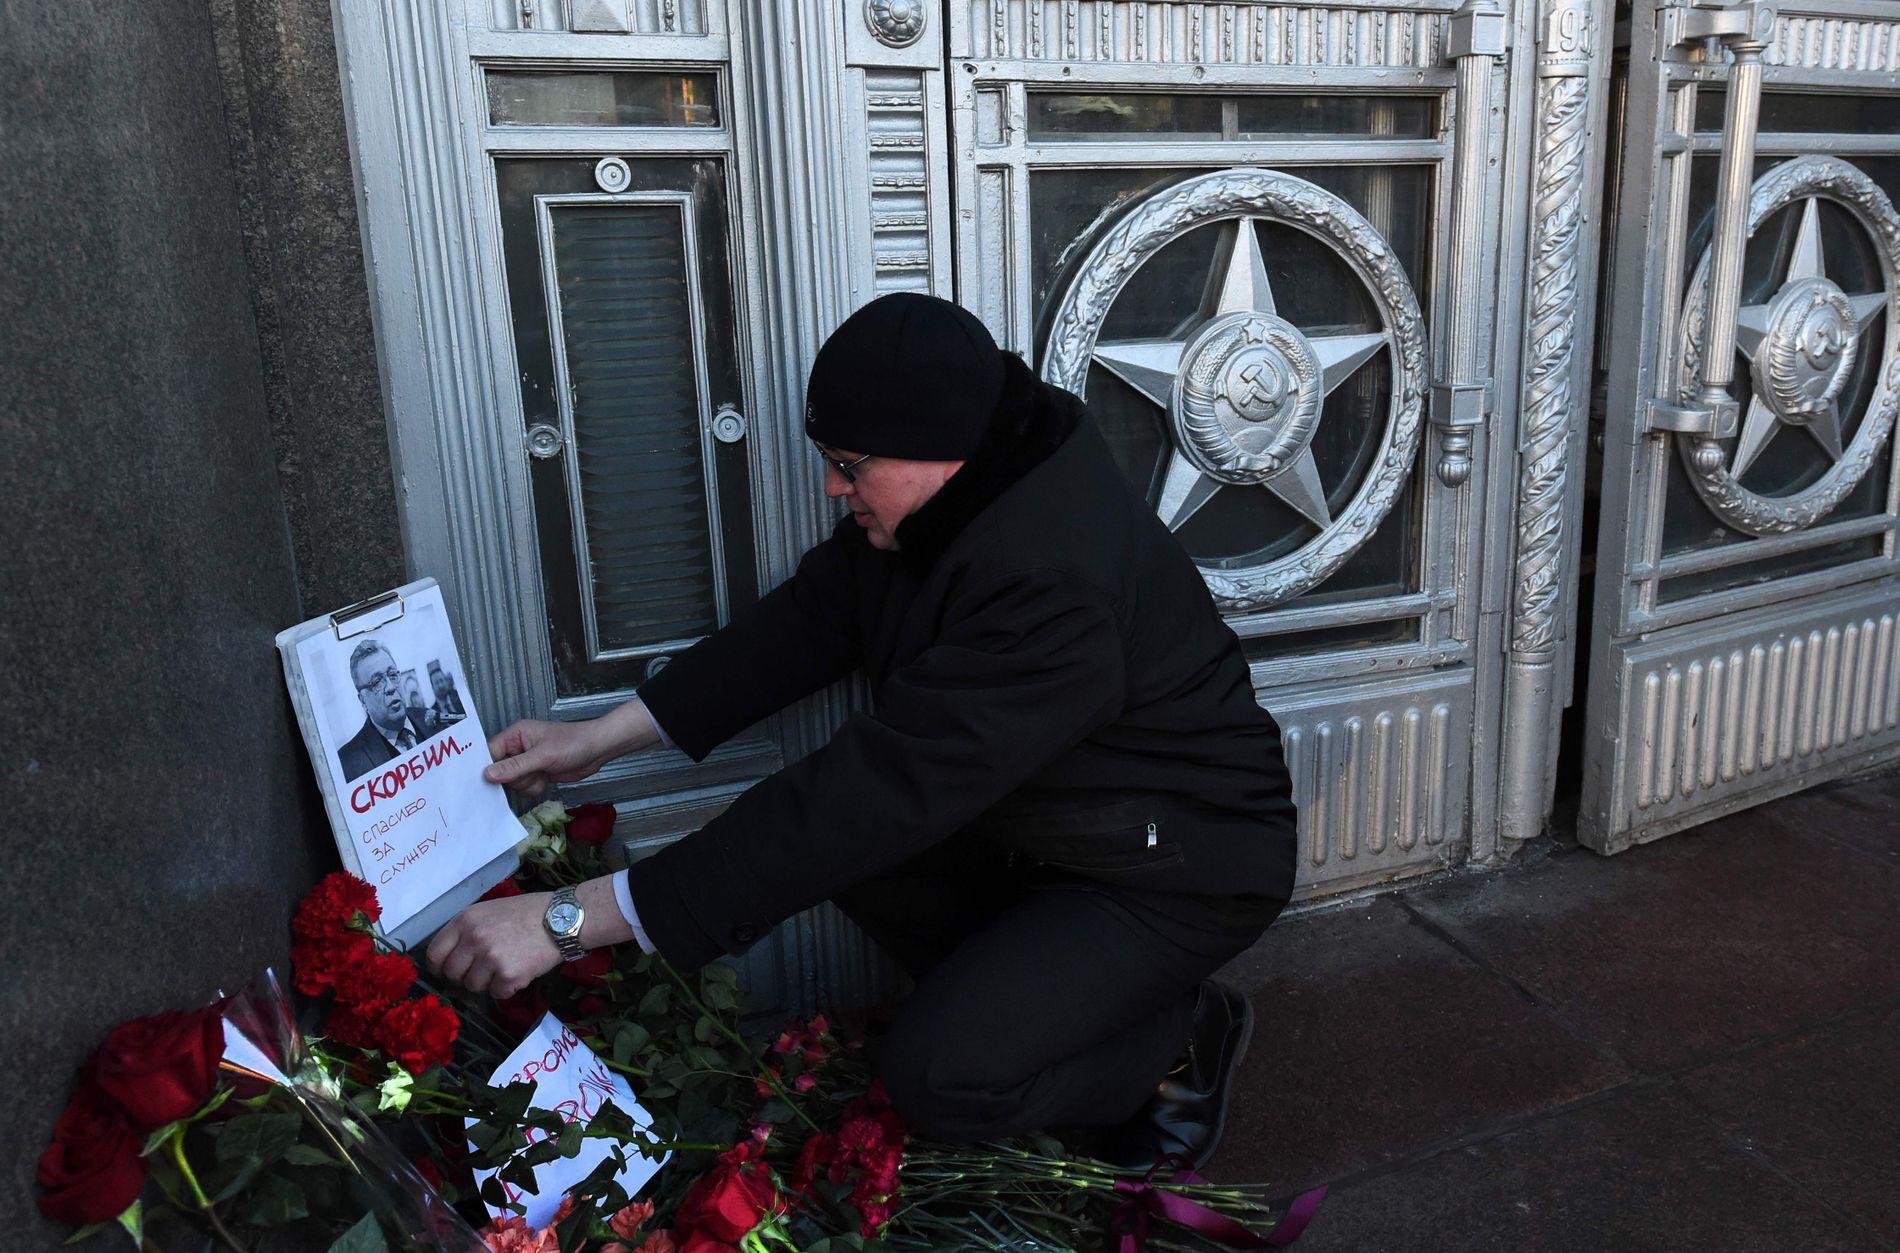 MINNES AMBASSADØREN: Utenfor utenriksdepartementet i Moskva legges det ned blomster etter drapet i Ankara.